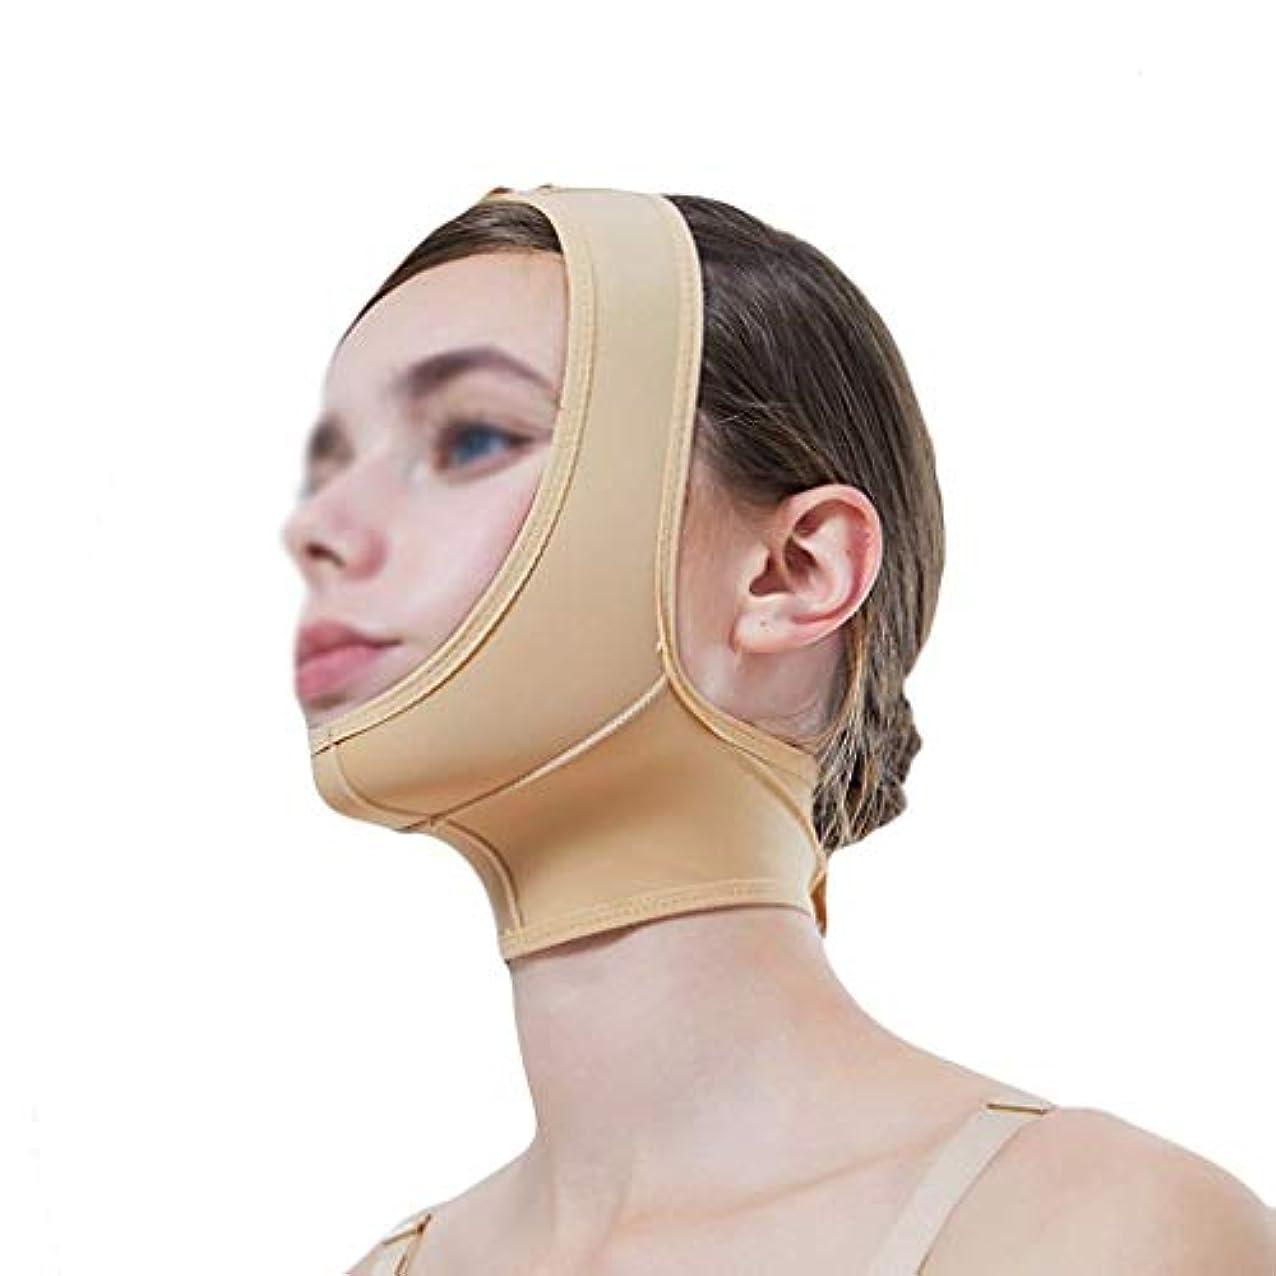 ミル話アクロバットマスク、超薄型ベルト、フェイスリフティングに適し、フェイスリフティング、通気性包帯、あご取りベルト、超薄型ベルト、通気性(サイズ:XL),M